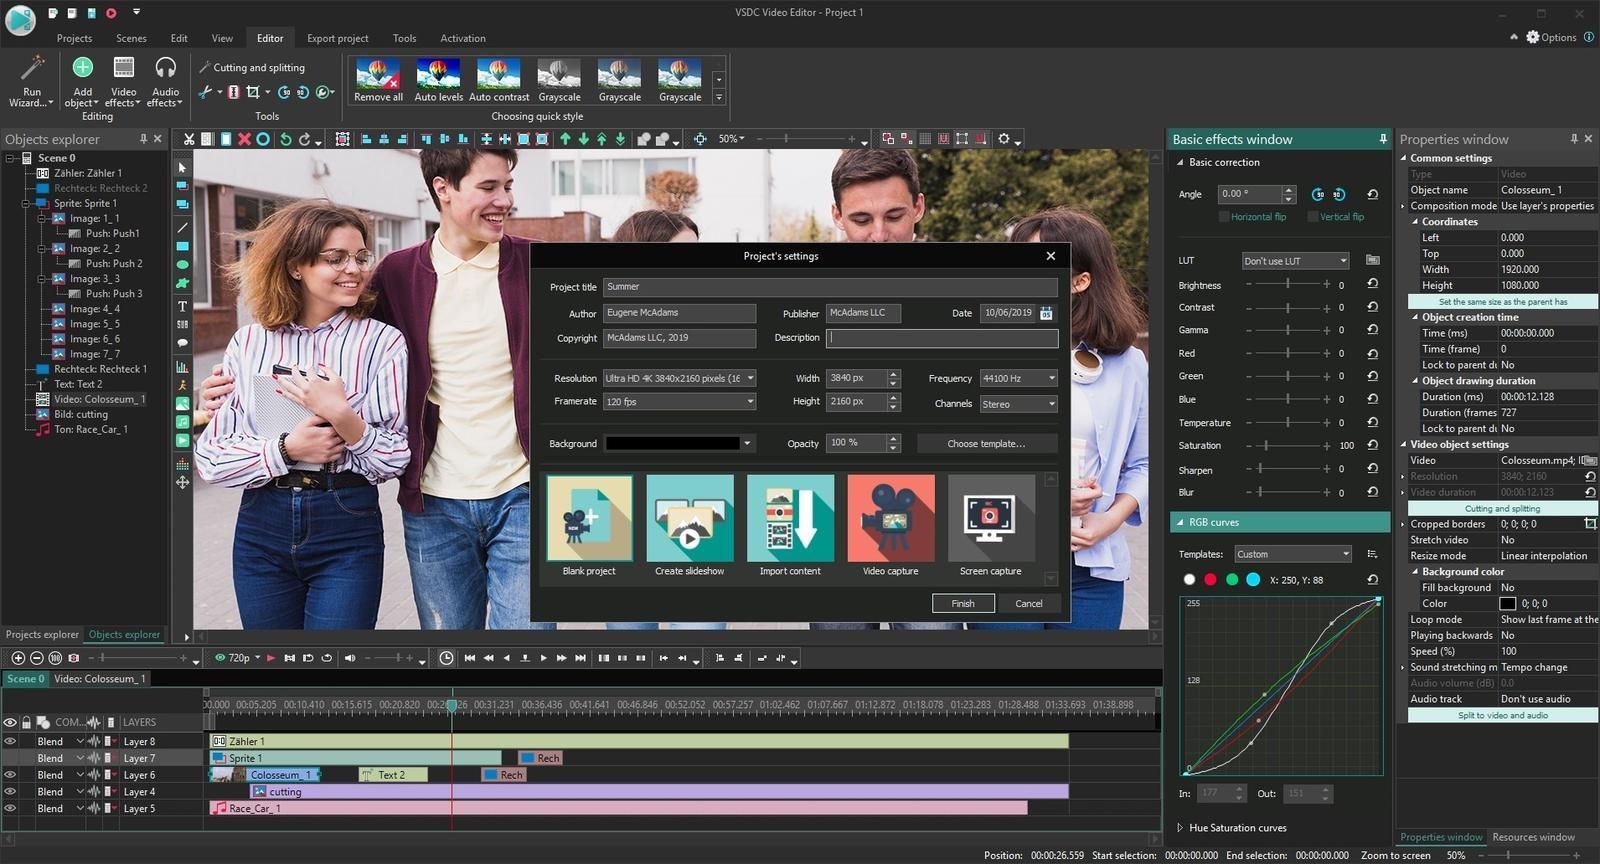 vsdc-video-editor-04